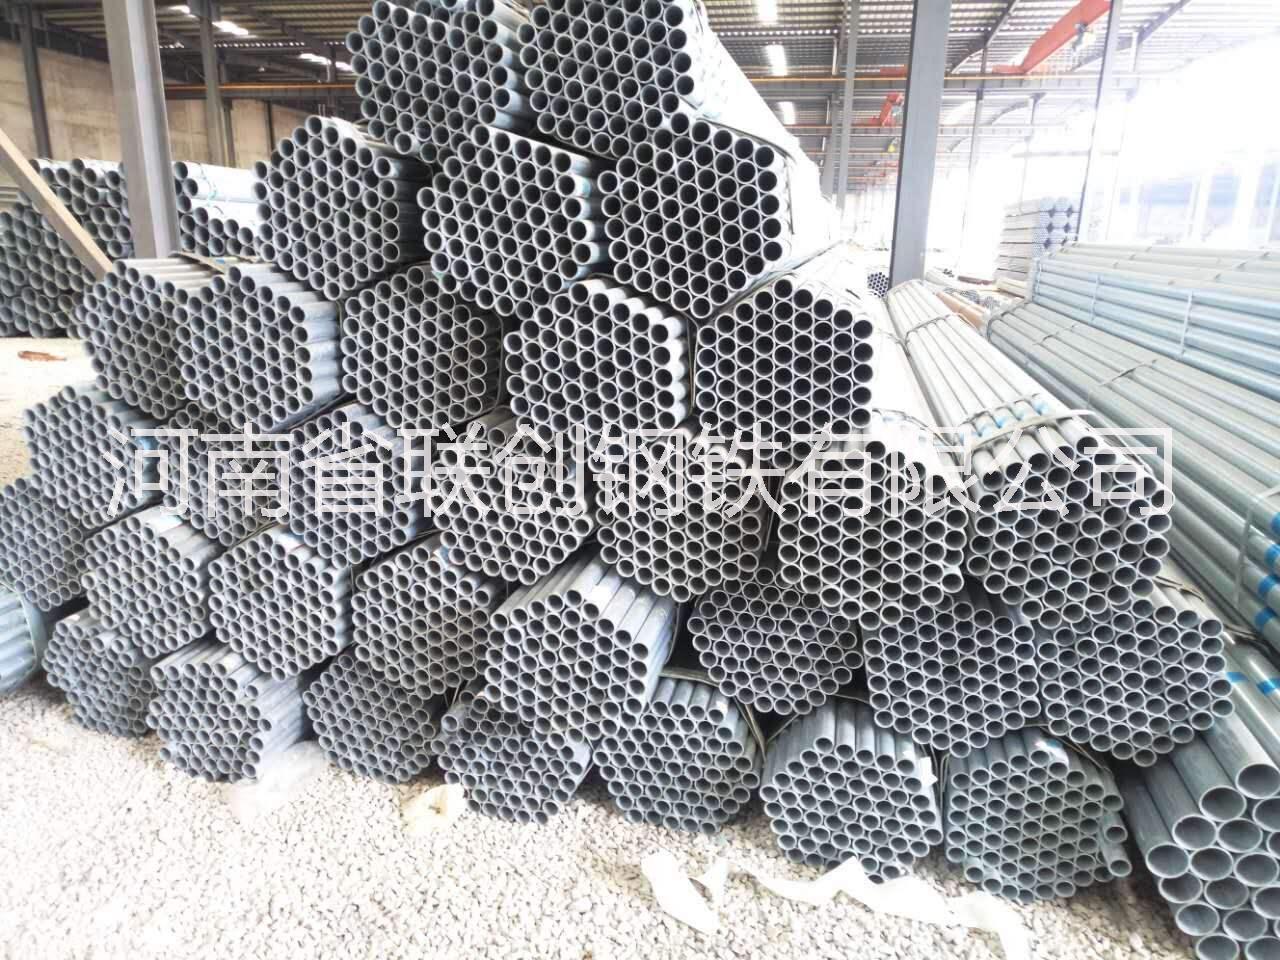 郑州国标热镀锌管厂家直销 镀锌管钢材批发 消防用镀锌钢管现货